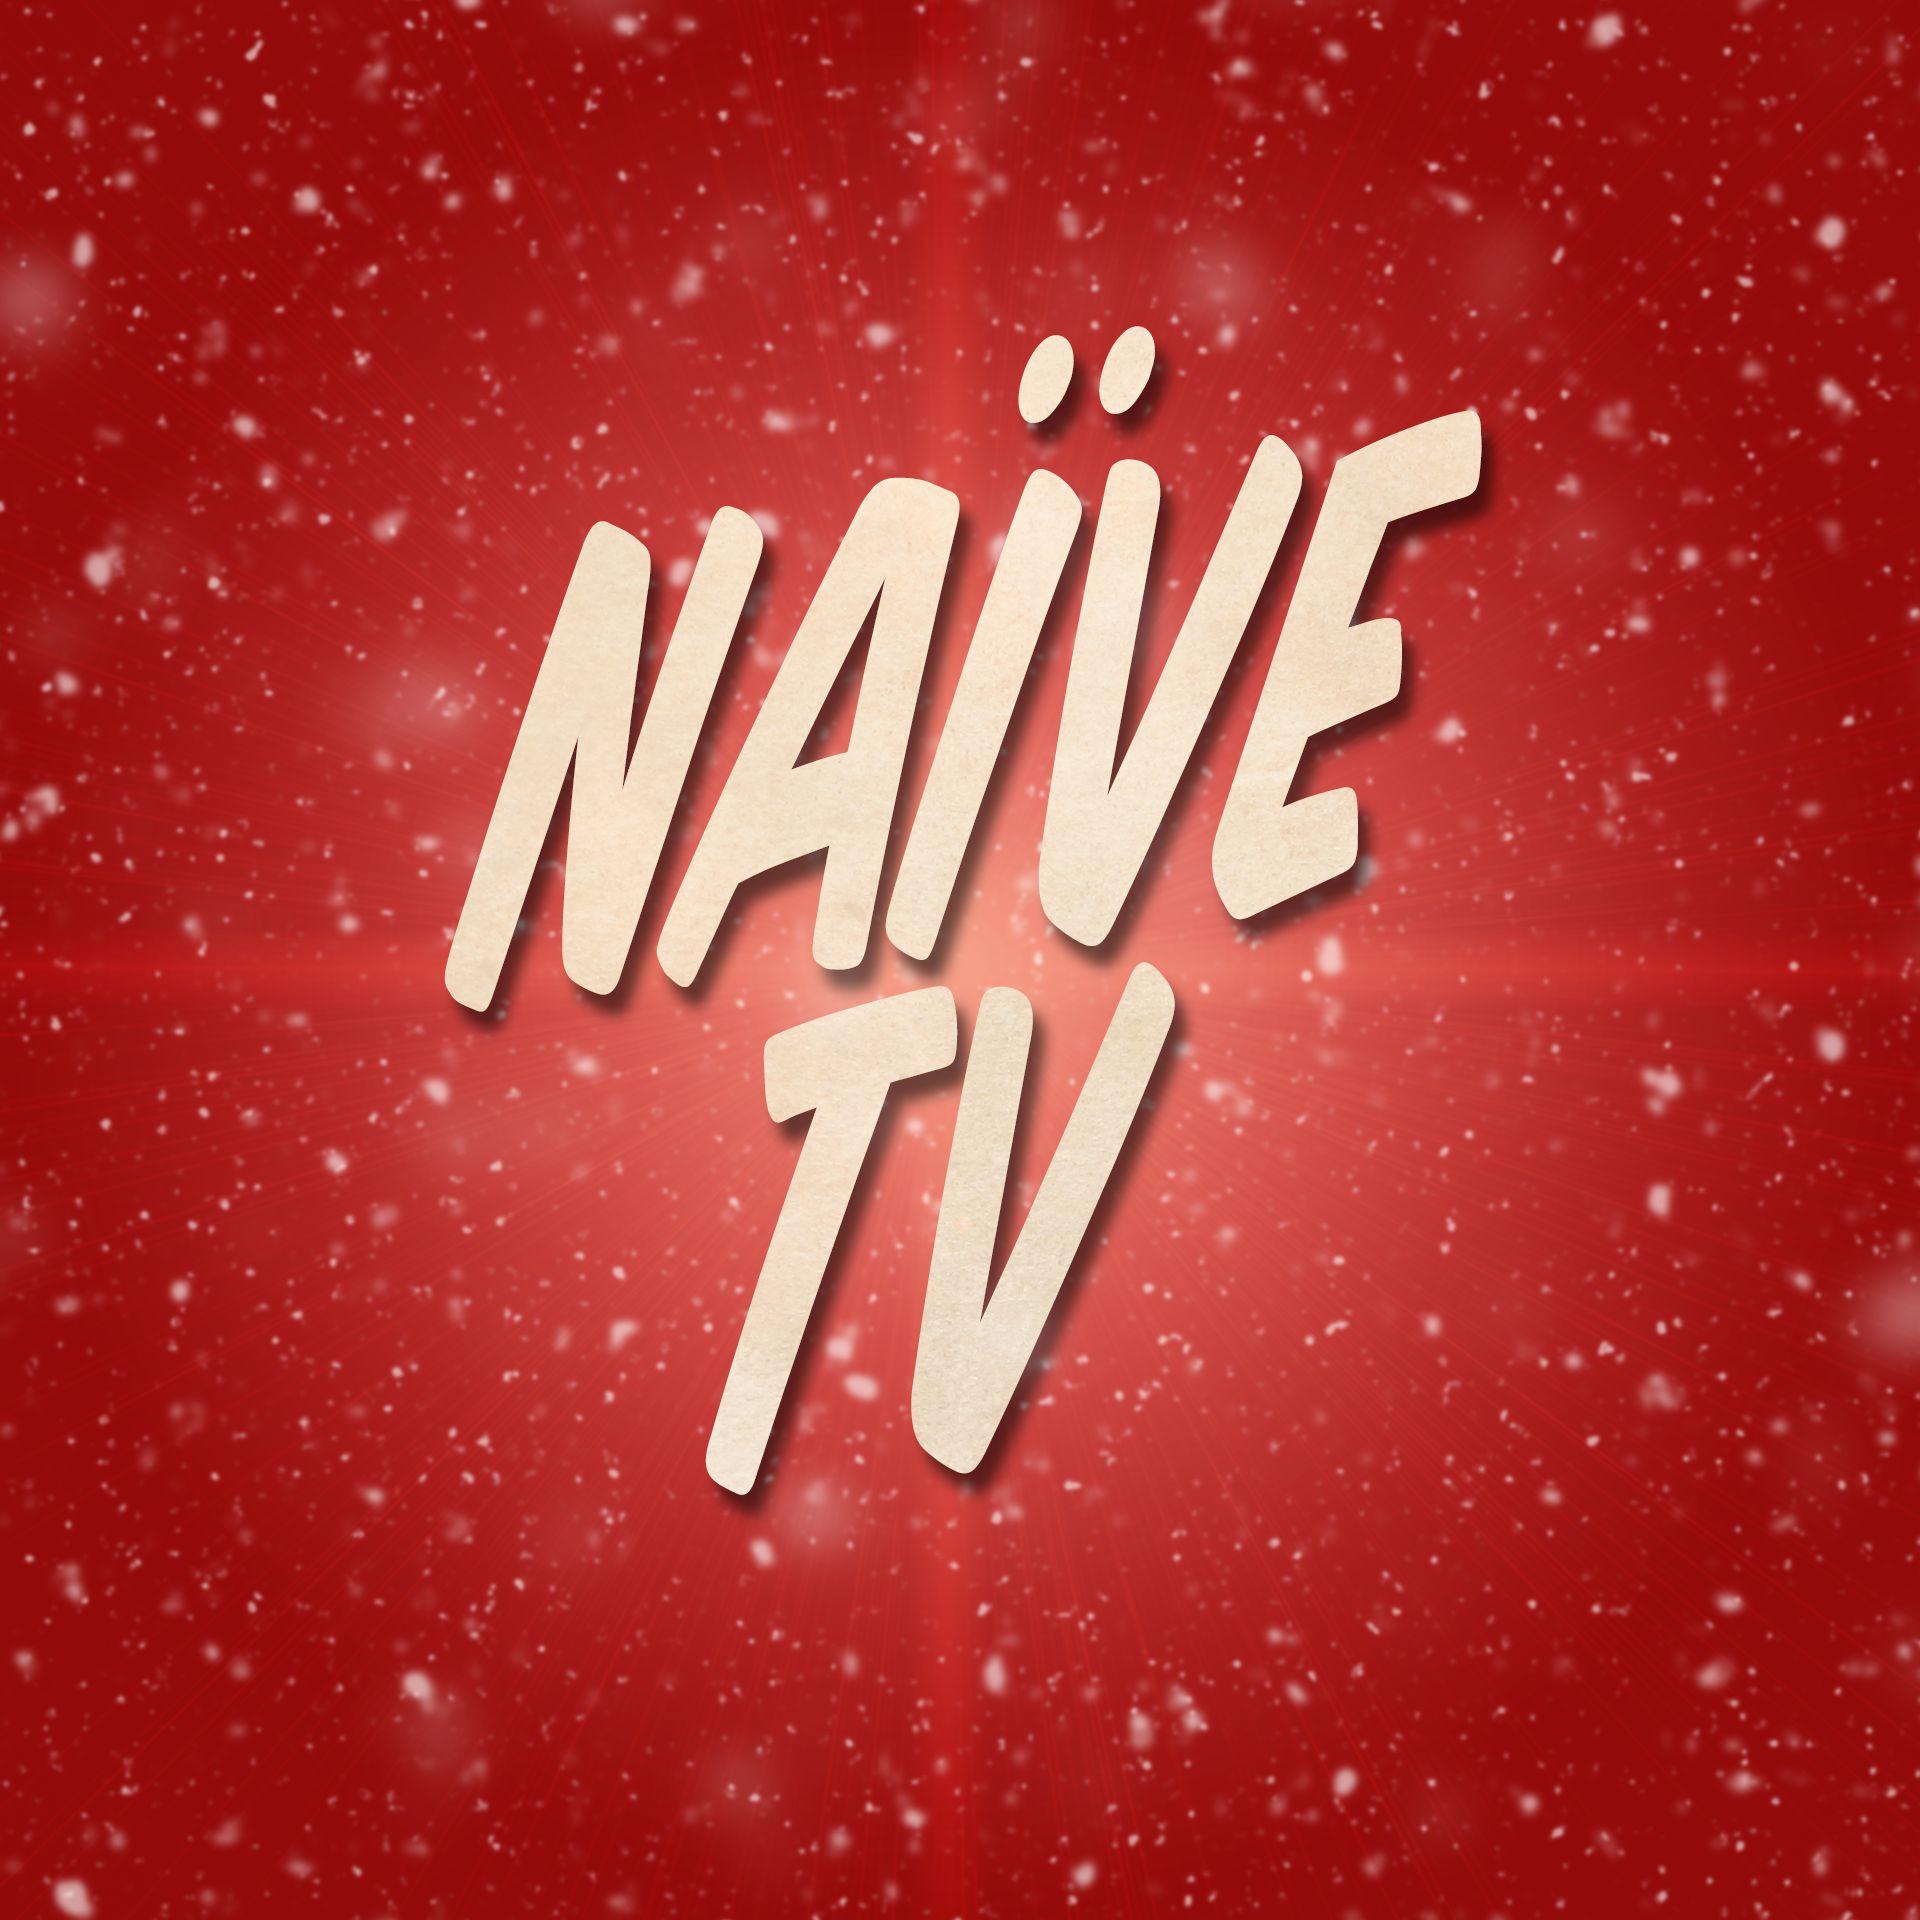 Naïve TV